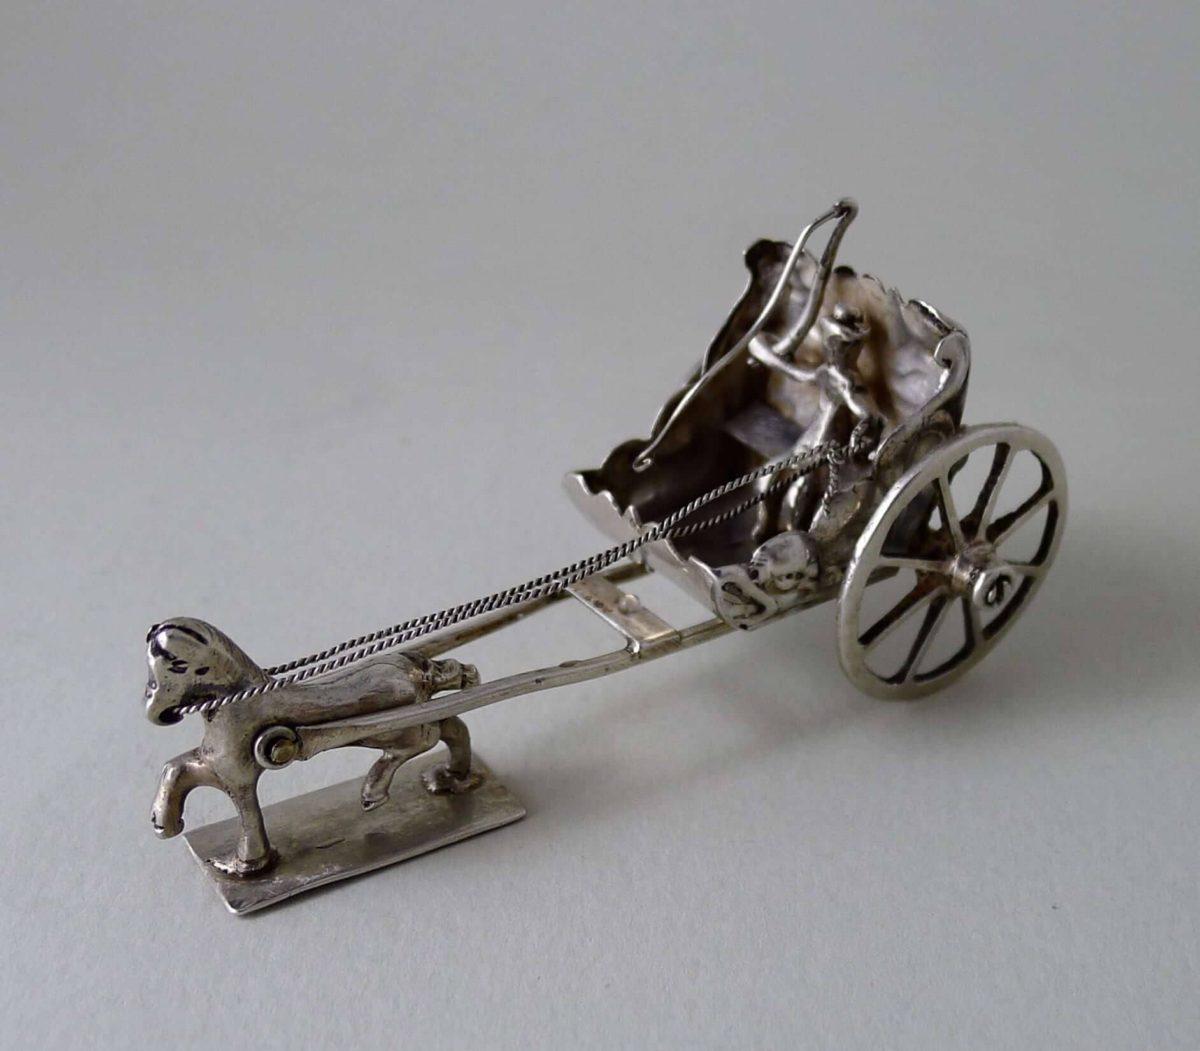 22 1200x1051 - Miniatuur zilveren koetsje